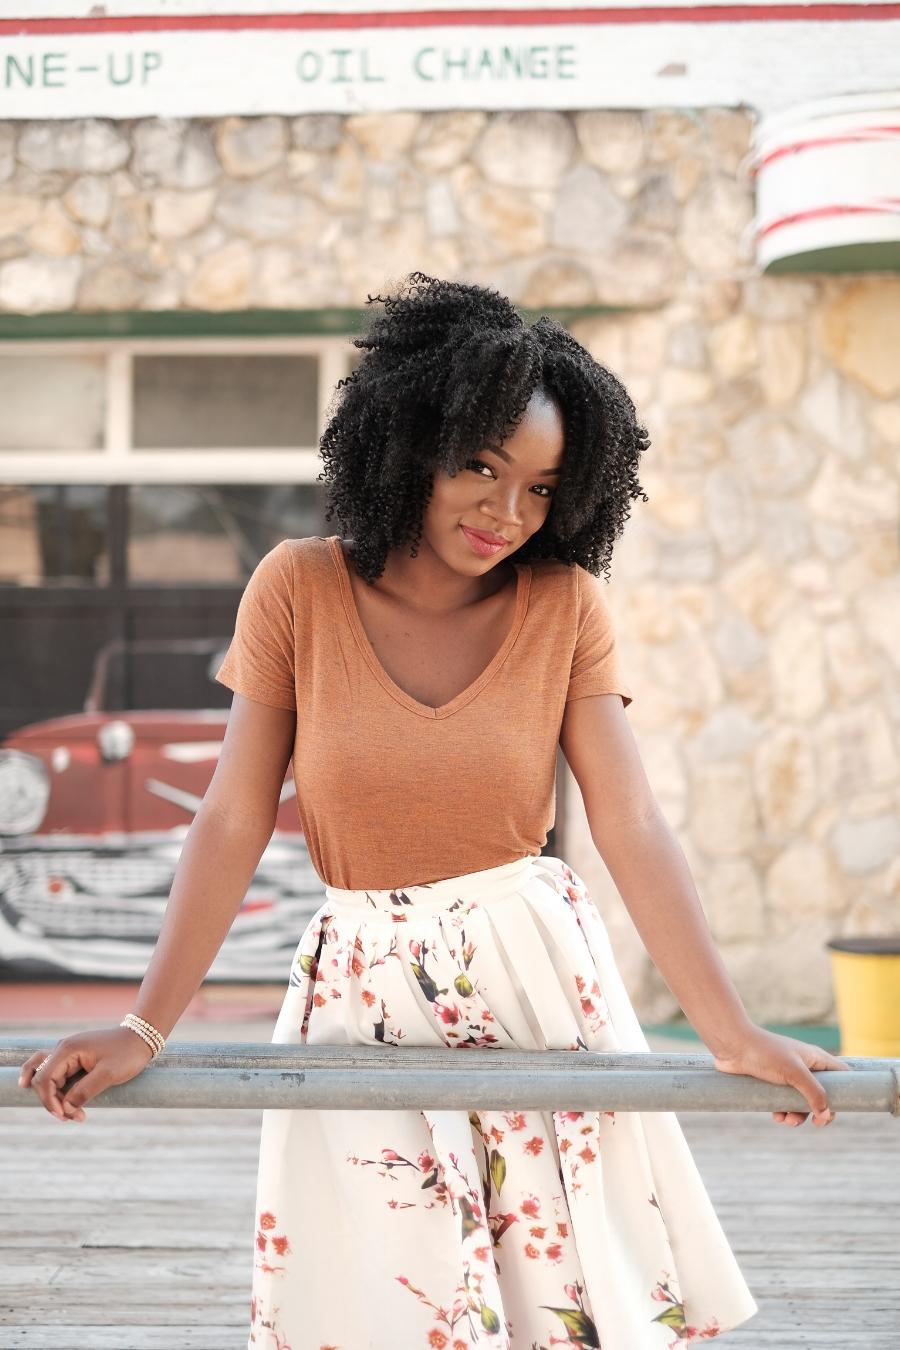 Black girl-Birthday june-floral skirt-smile